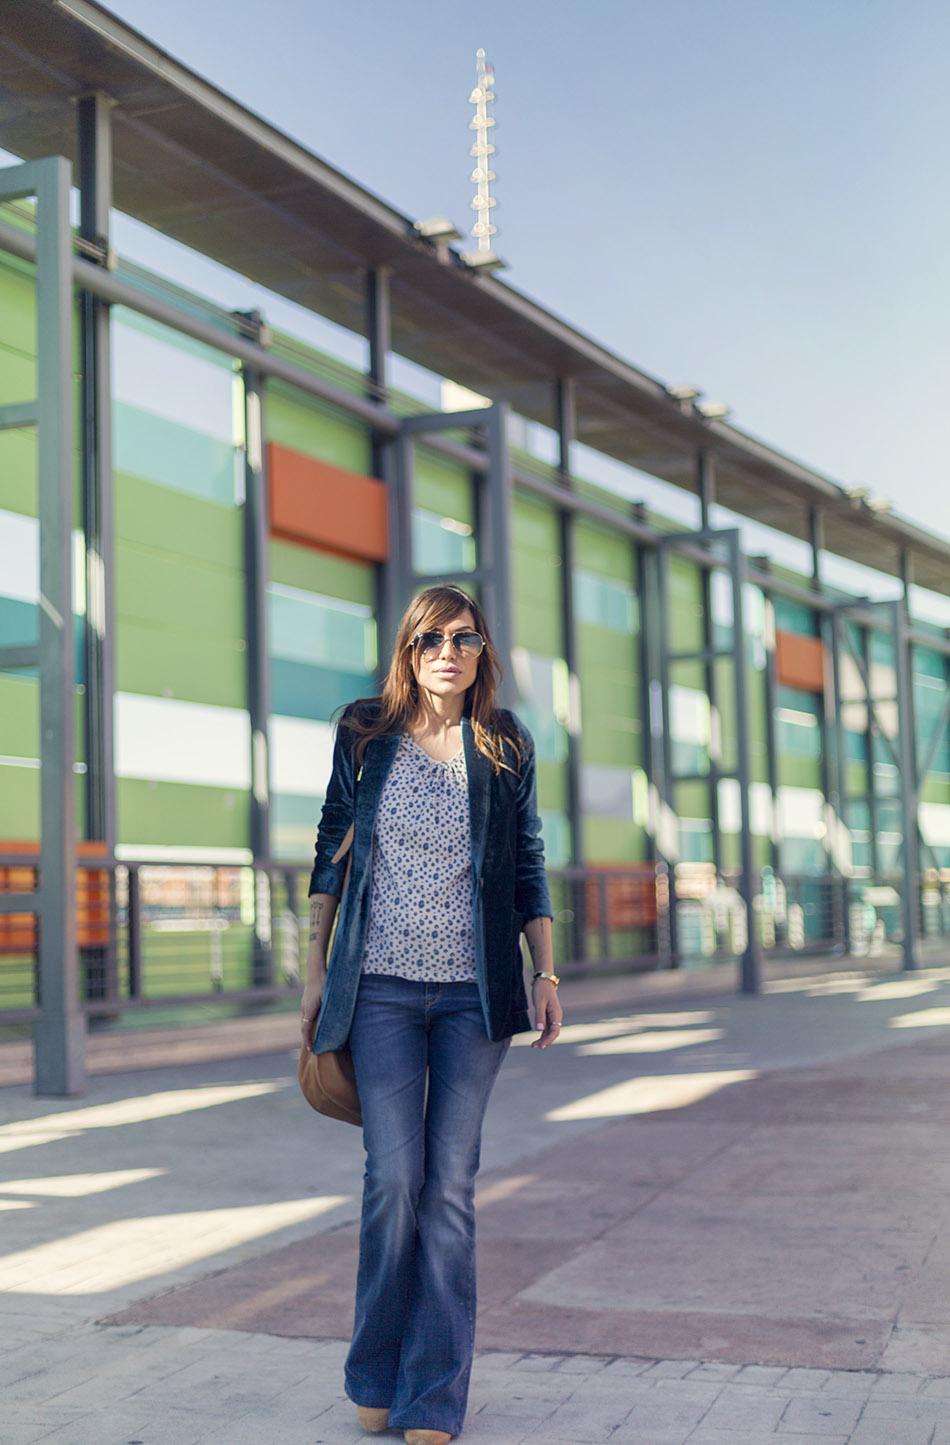 look de street style con blazer de tercioelo, top de animal print, flared jeans, bolso bandolera de Loewe y gafas de sol aviator